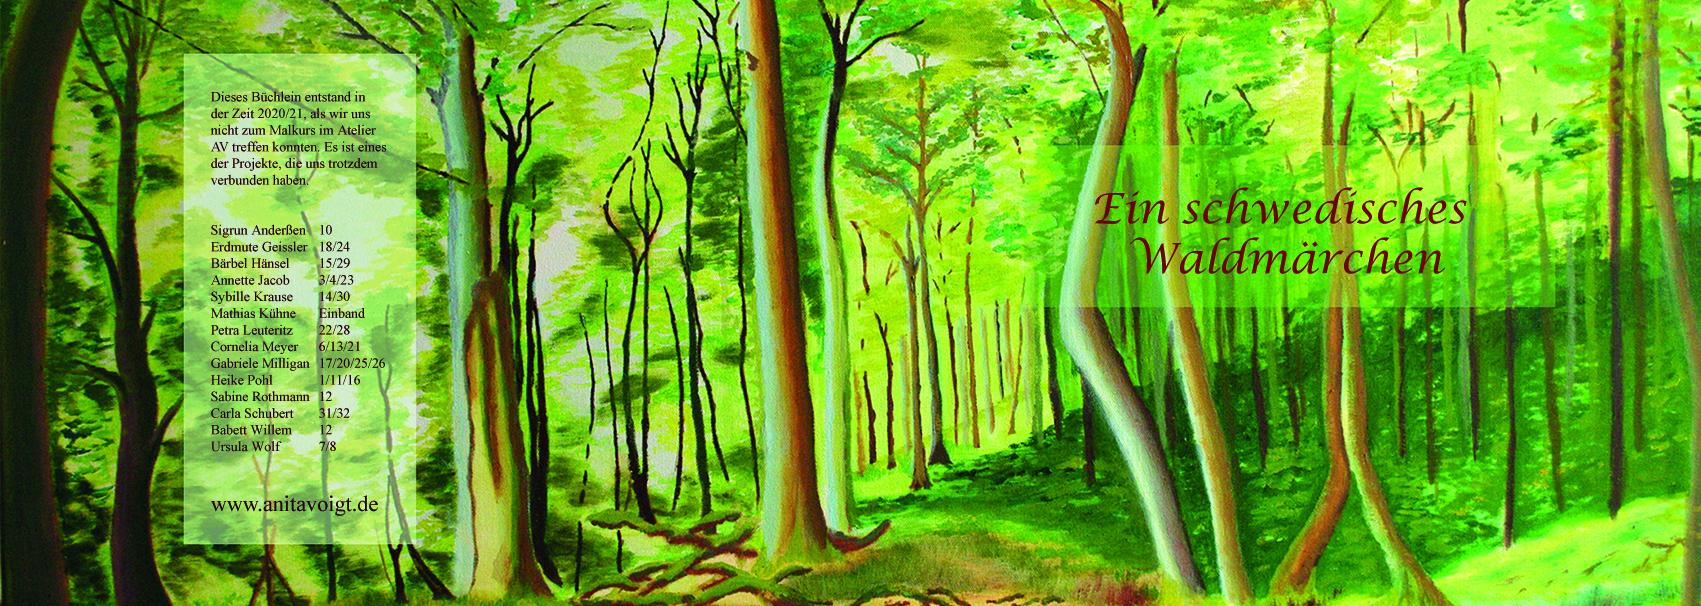 Ein schwedisches Waldmärchen